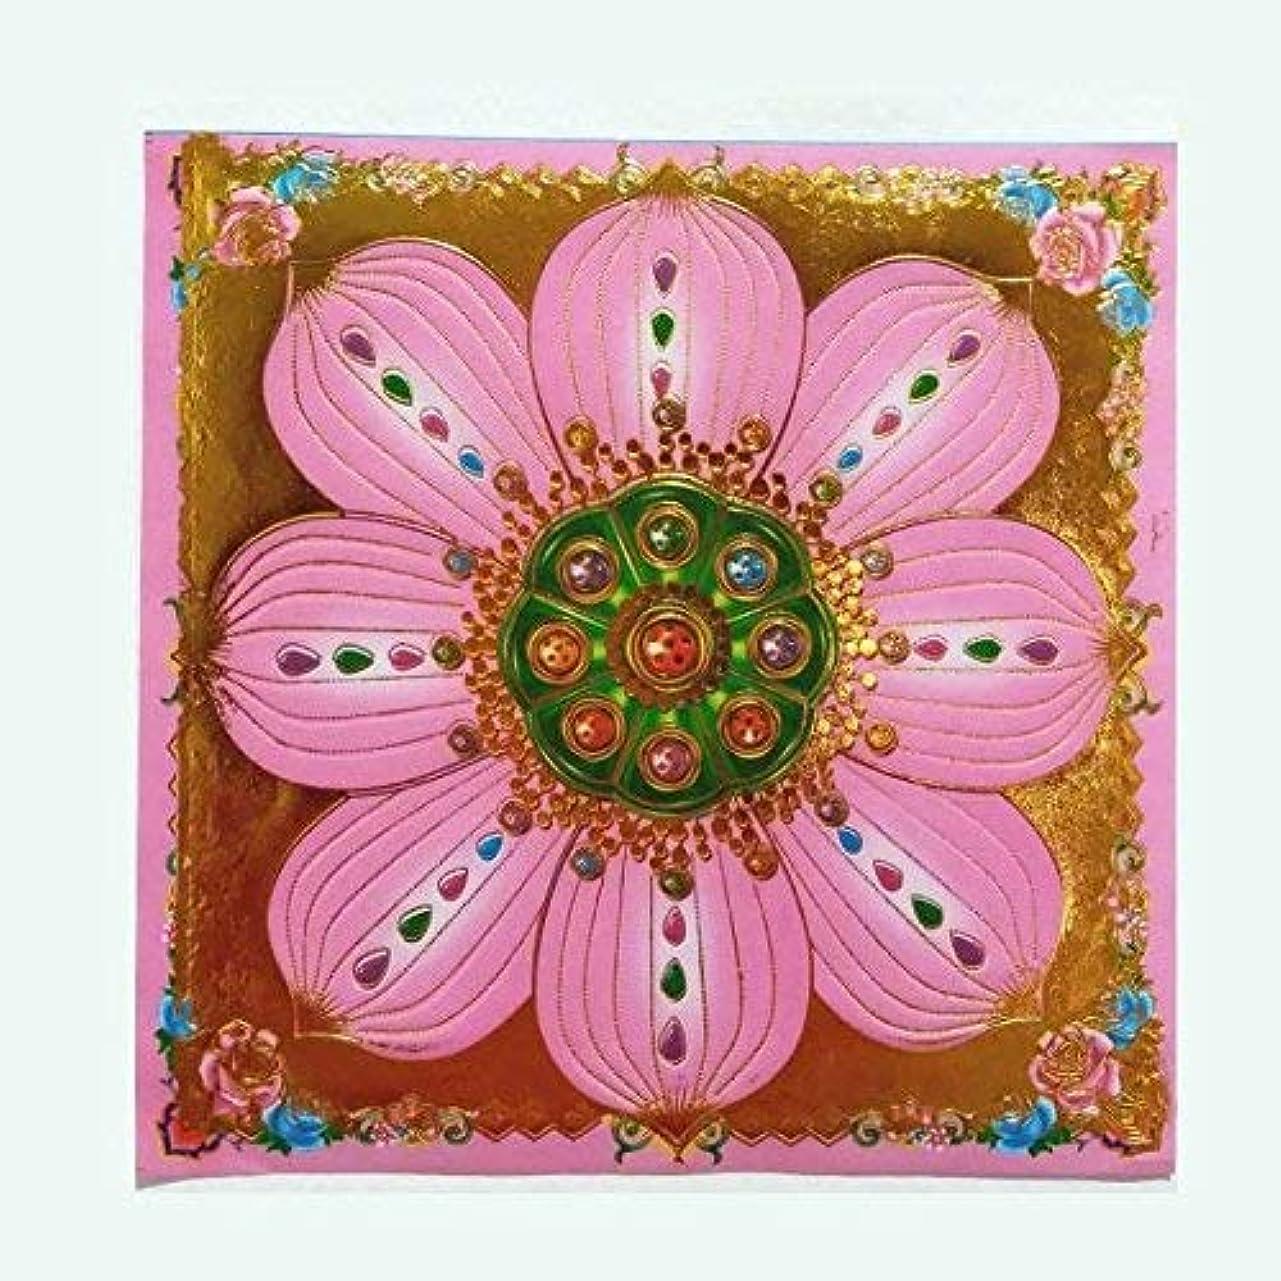 40pcs Incense用紙/ Joss用紙ハイグレードカラフルwithゴールドの箔Sサイズの祖先Praying 7.5インチx 7.5インチ(ピンク)